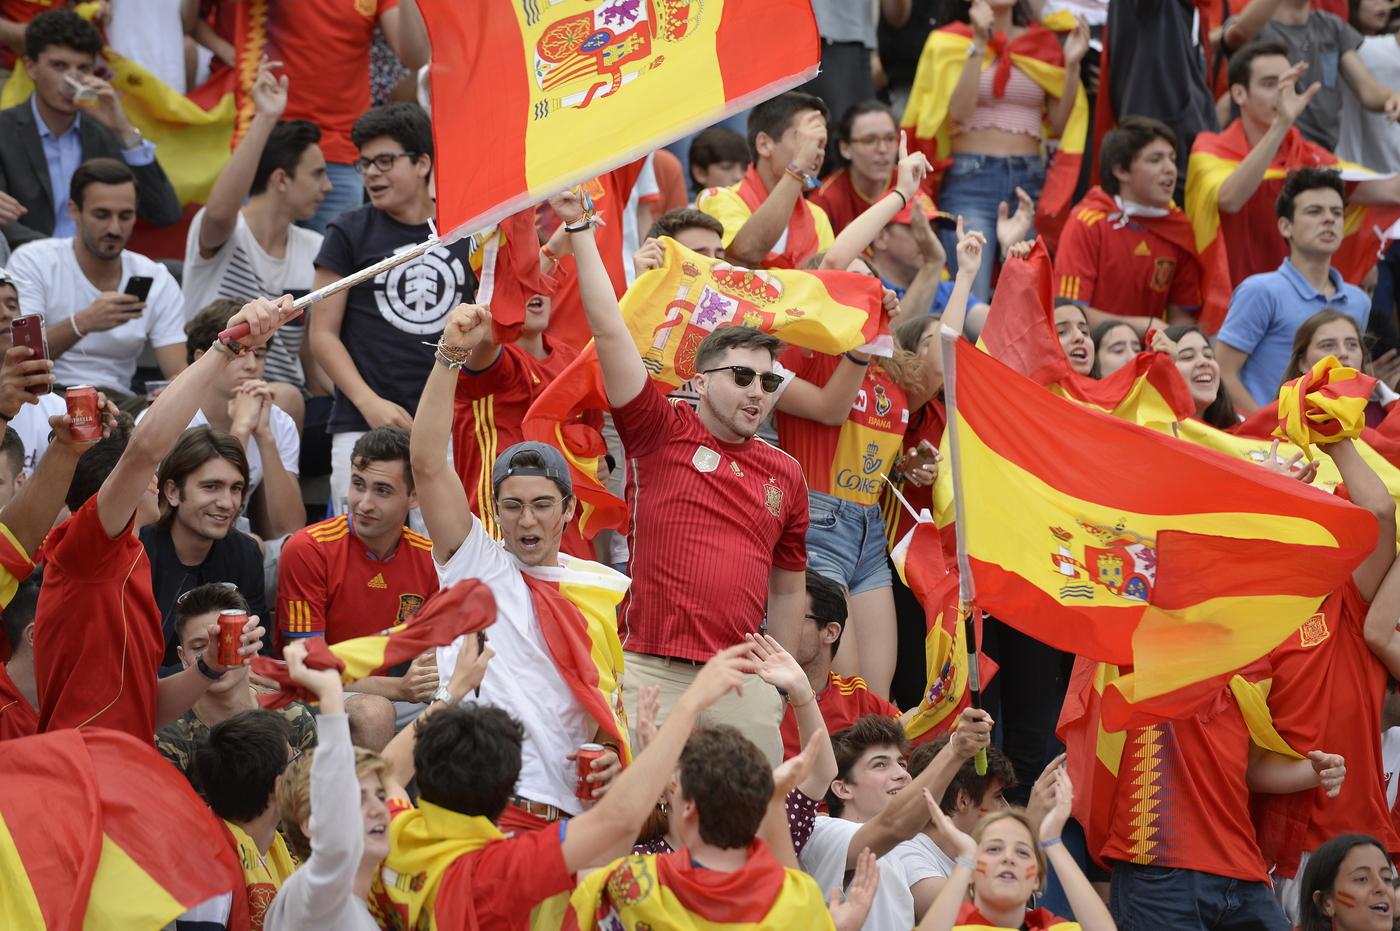 Segunda Division B Spagna 9 giugno: si giocano 4 gare dei play-off perdenti della Serie C spagnola. Restano 2 posti promozione.